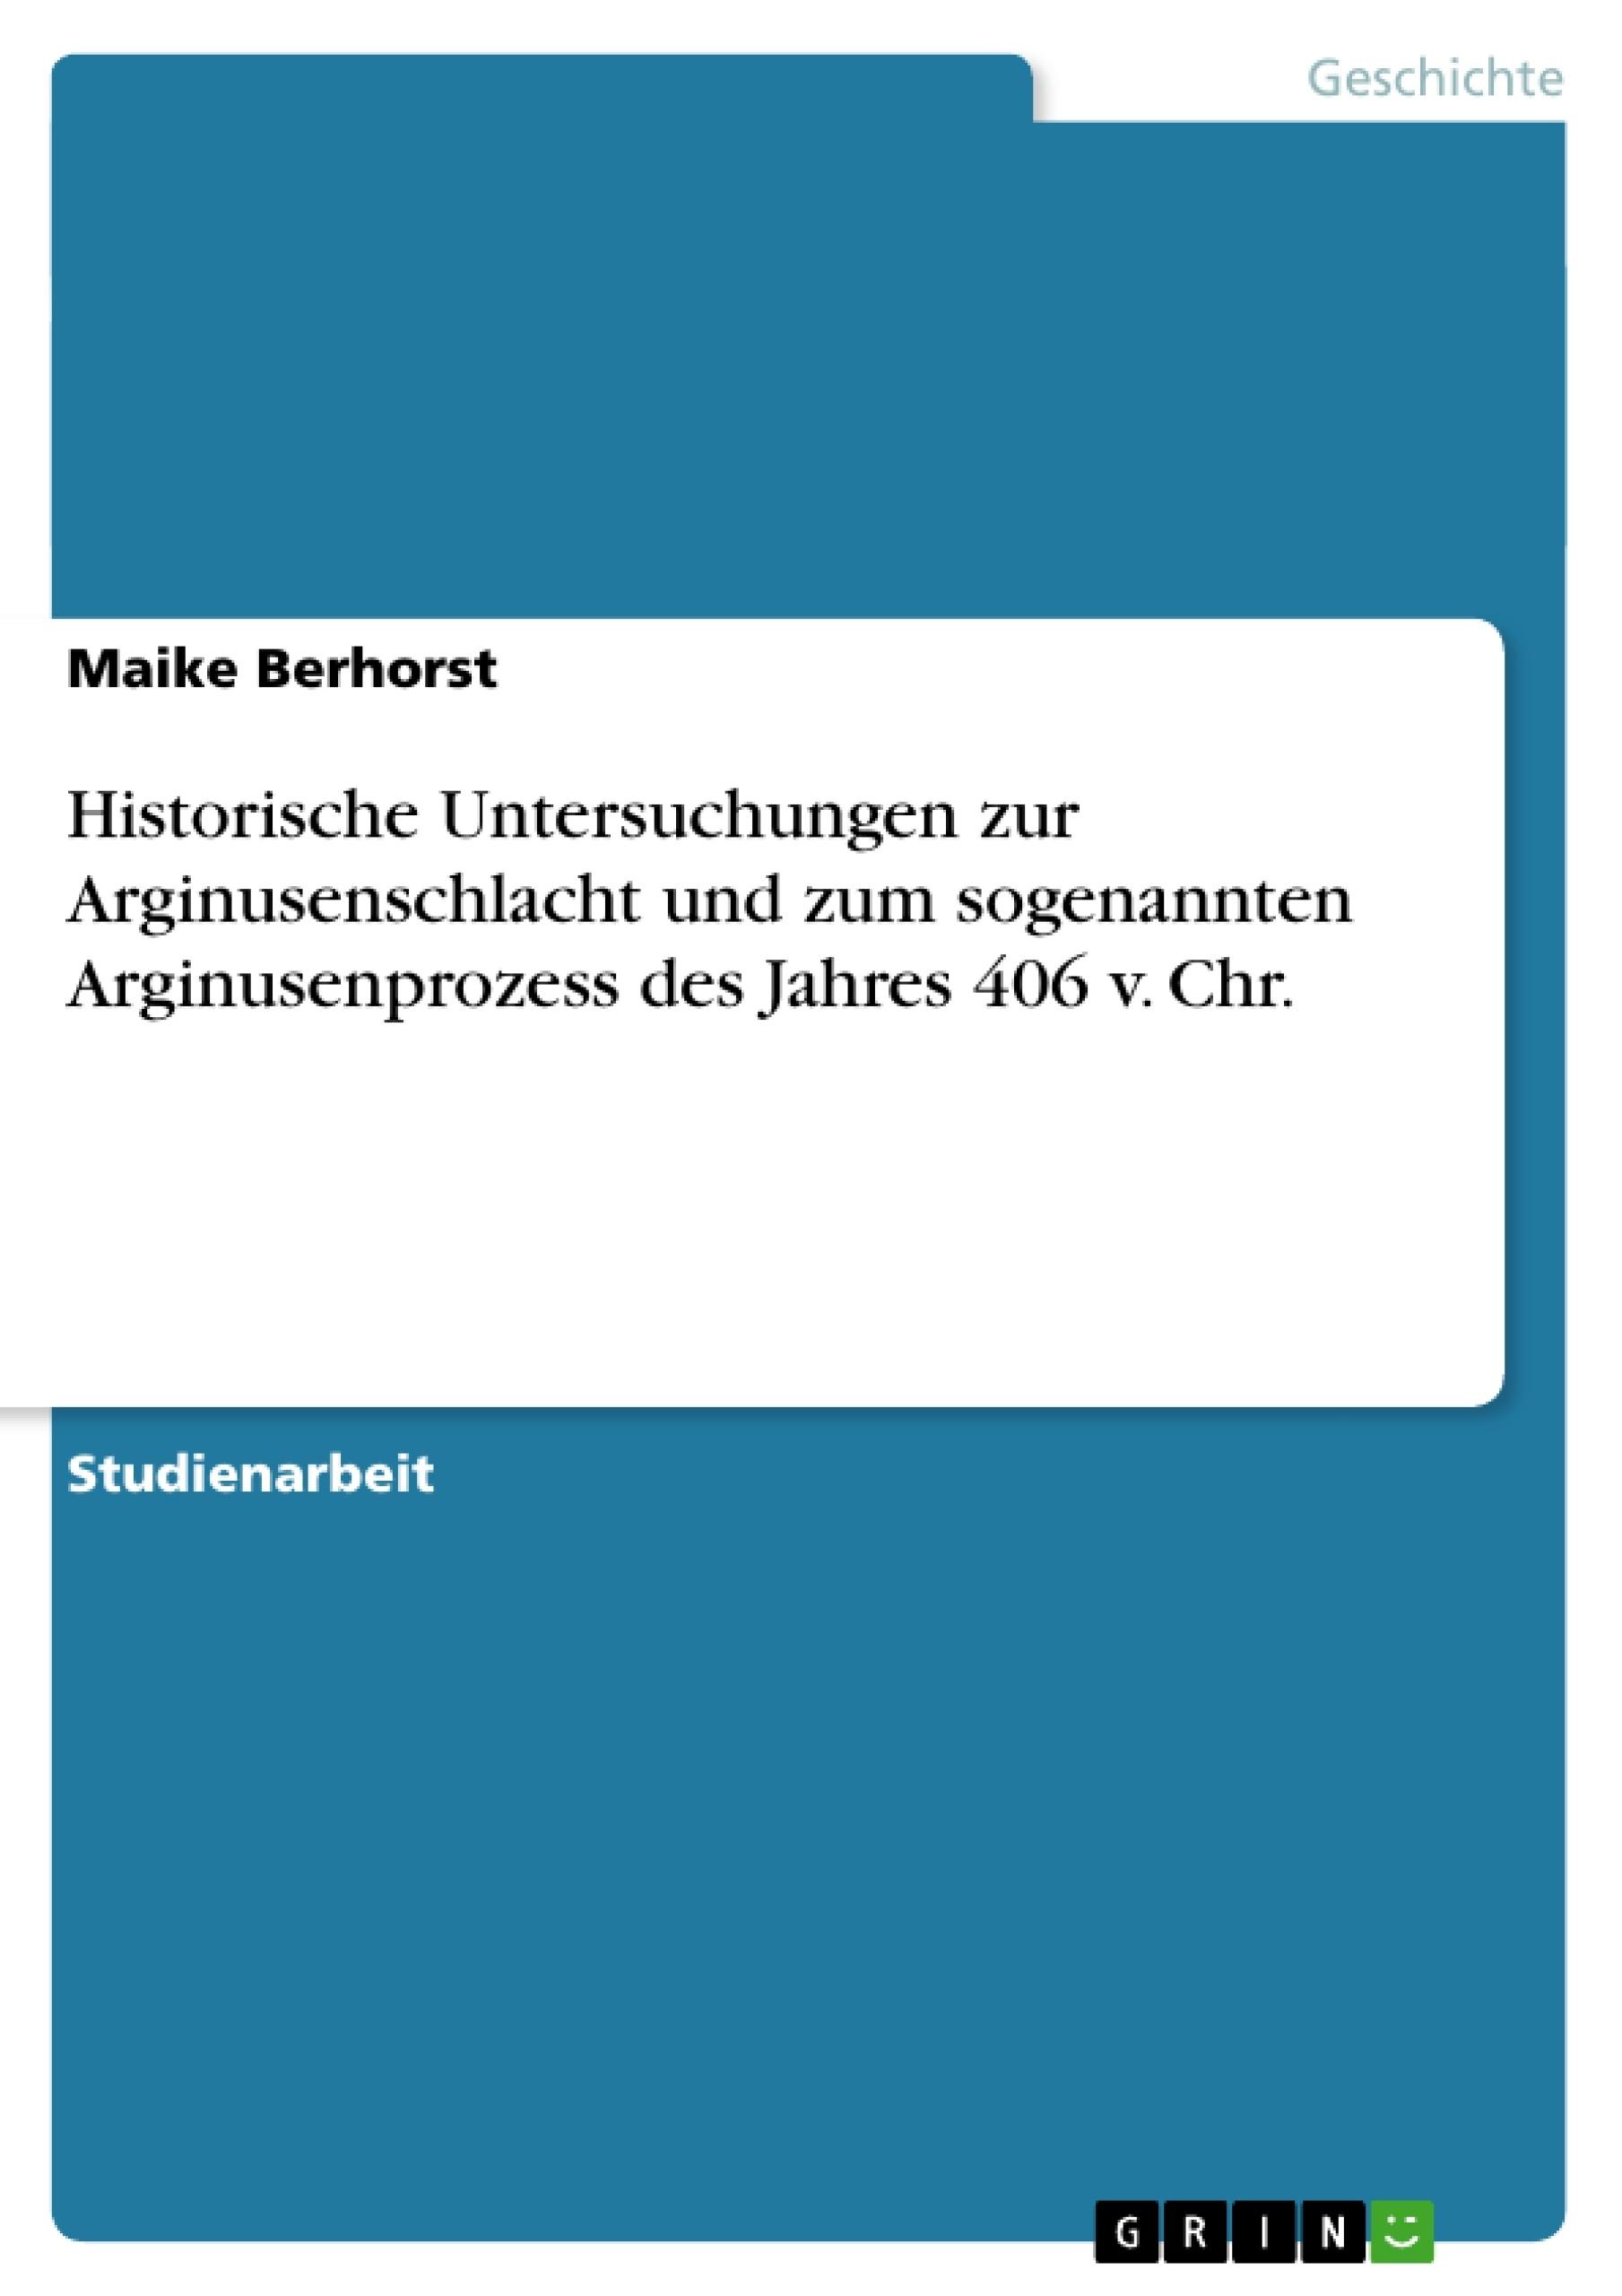 Titel: Historische Untersuchungen zur Arginusenschlacht und zum sogenannten Arginusenprozess des Jahres 406 v. Chr.